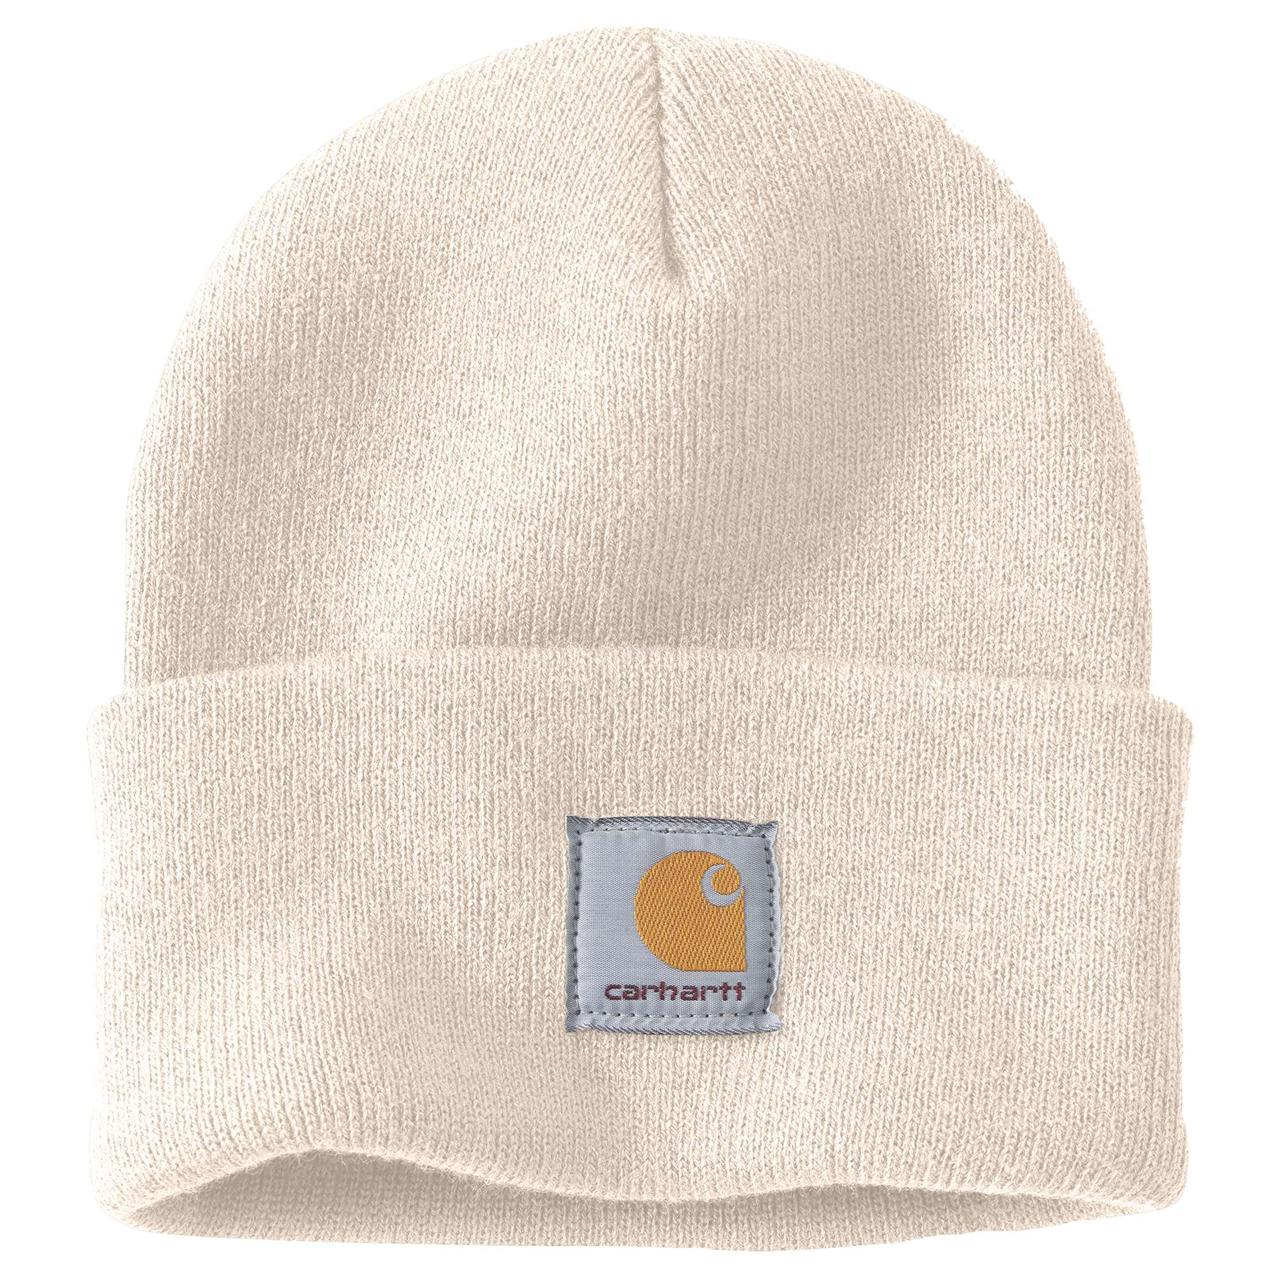 """Carhartt Hue Watch Hat """"Winter White"""" - Mærker Diverse -> Arbejdstøj og sikkerhedssko Diverse Mærker -> Carhartt -> Huer Mærker -> Carhartt"""